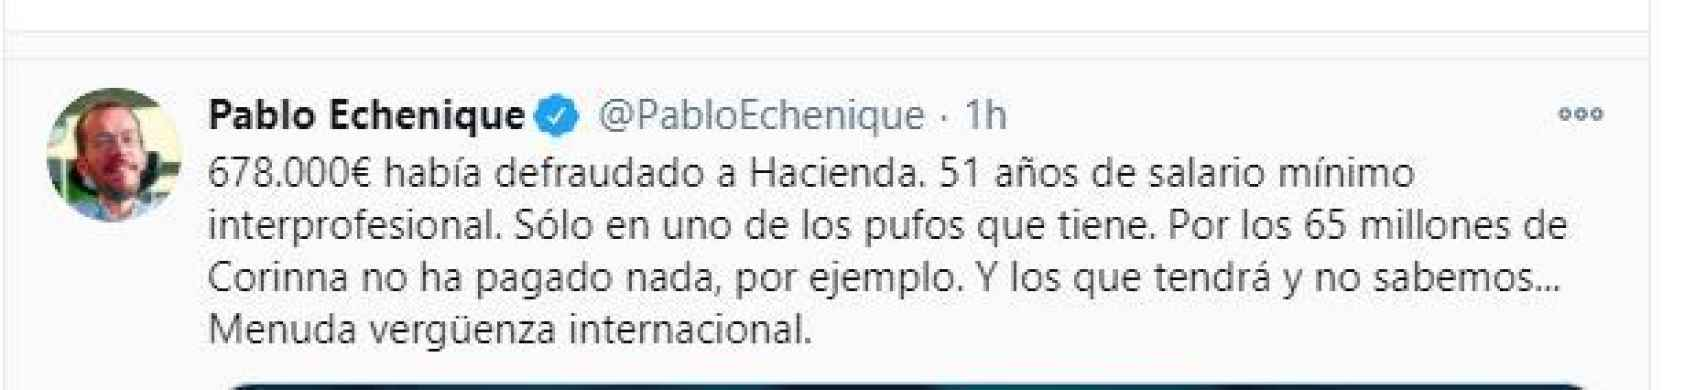 Tuit de Pablo Echenique./